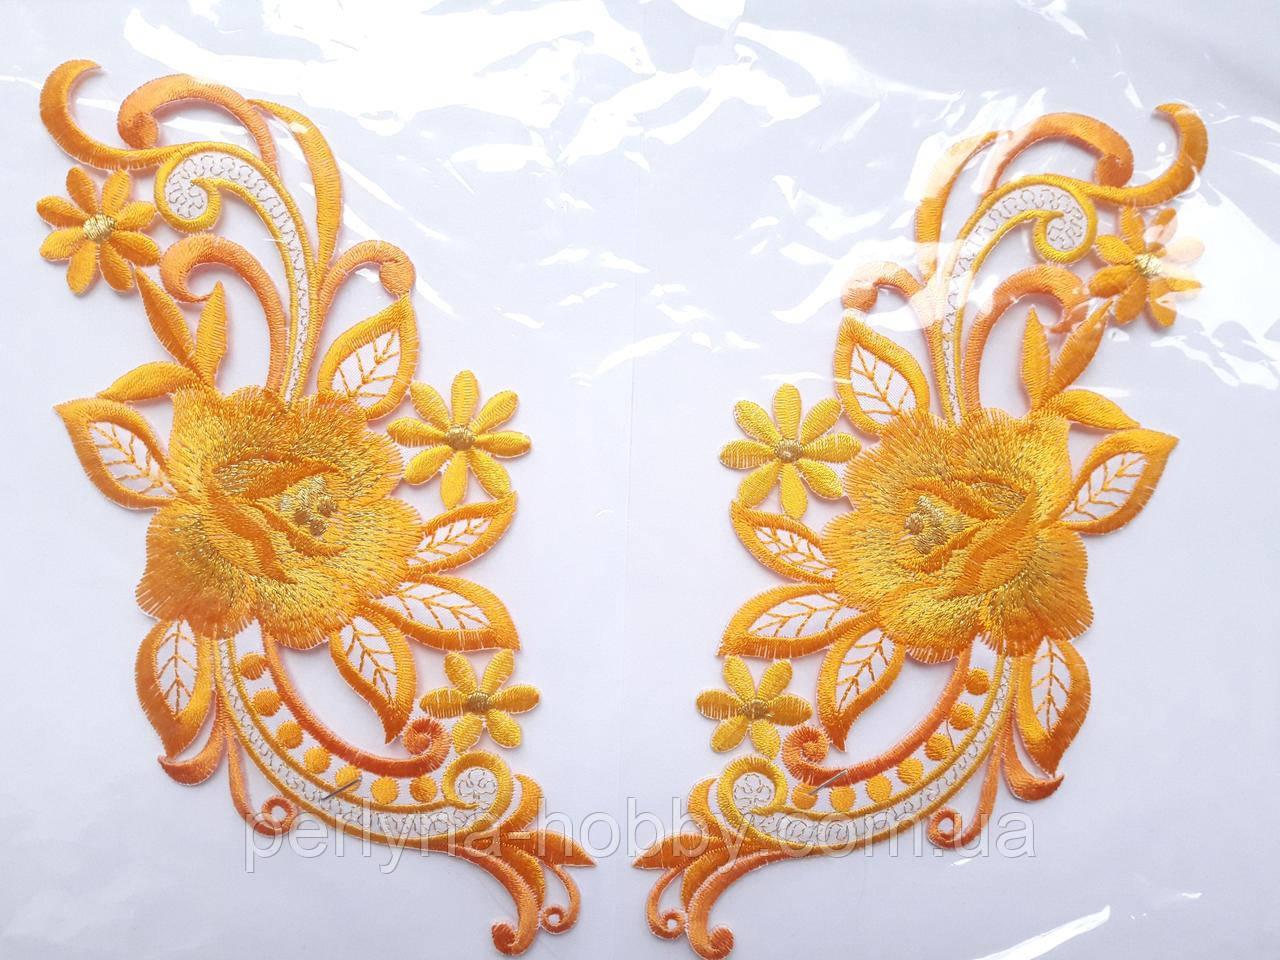 """Аплікація вишивка клейова """"Квіти"""" оранжеві світлі, 19 см 1п"""